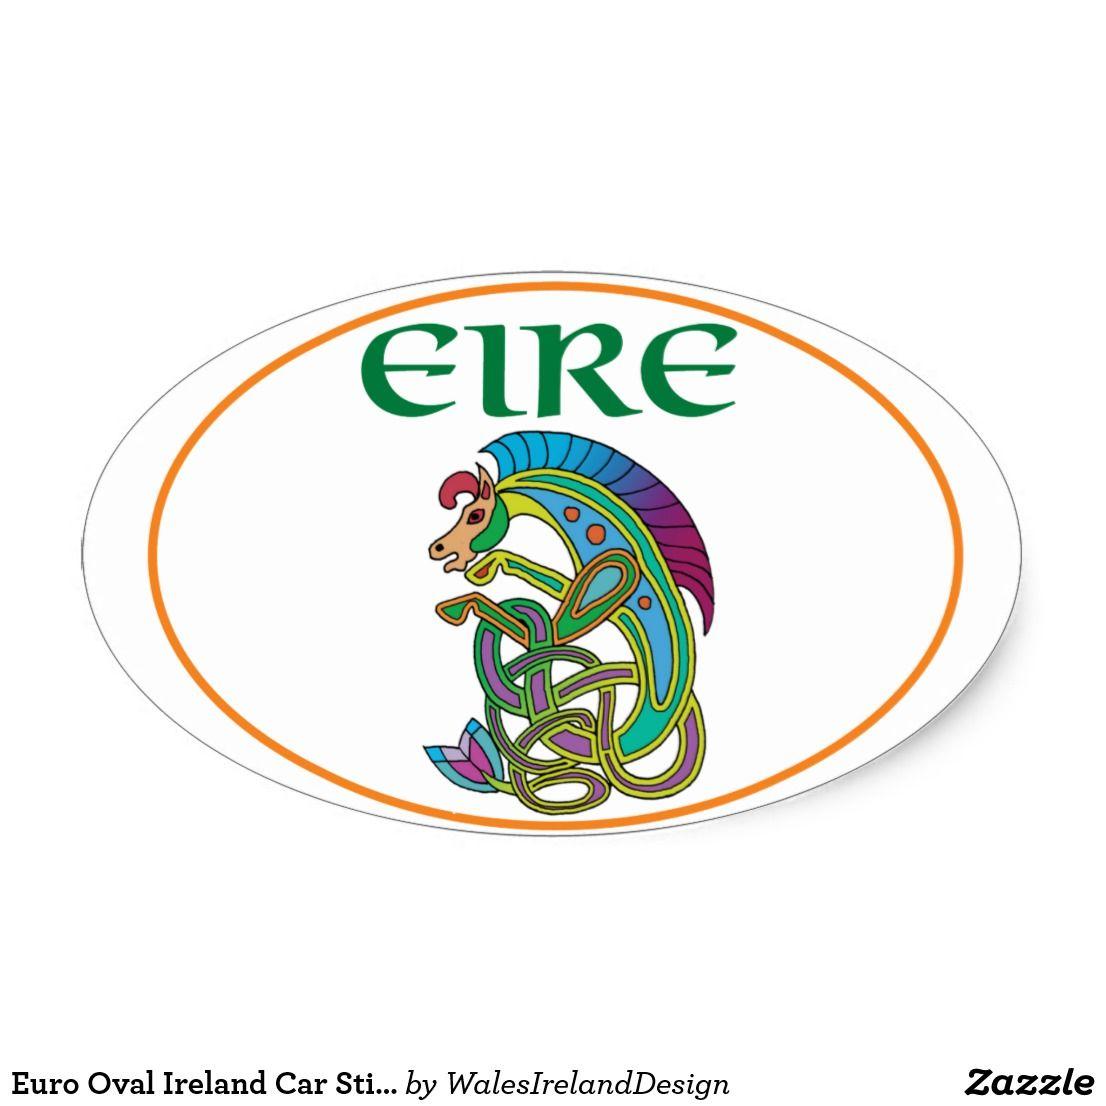 Euro Oval Ireland Car Sticker Zazzle Com Car Stickers Custom Stickers Euro Style [ 1106 x 1106 Pixel ]